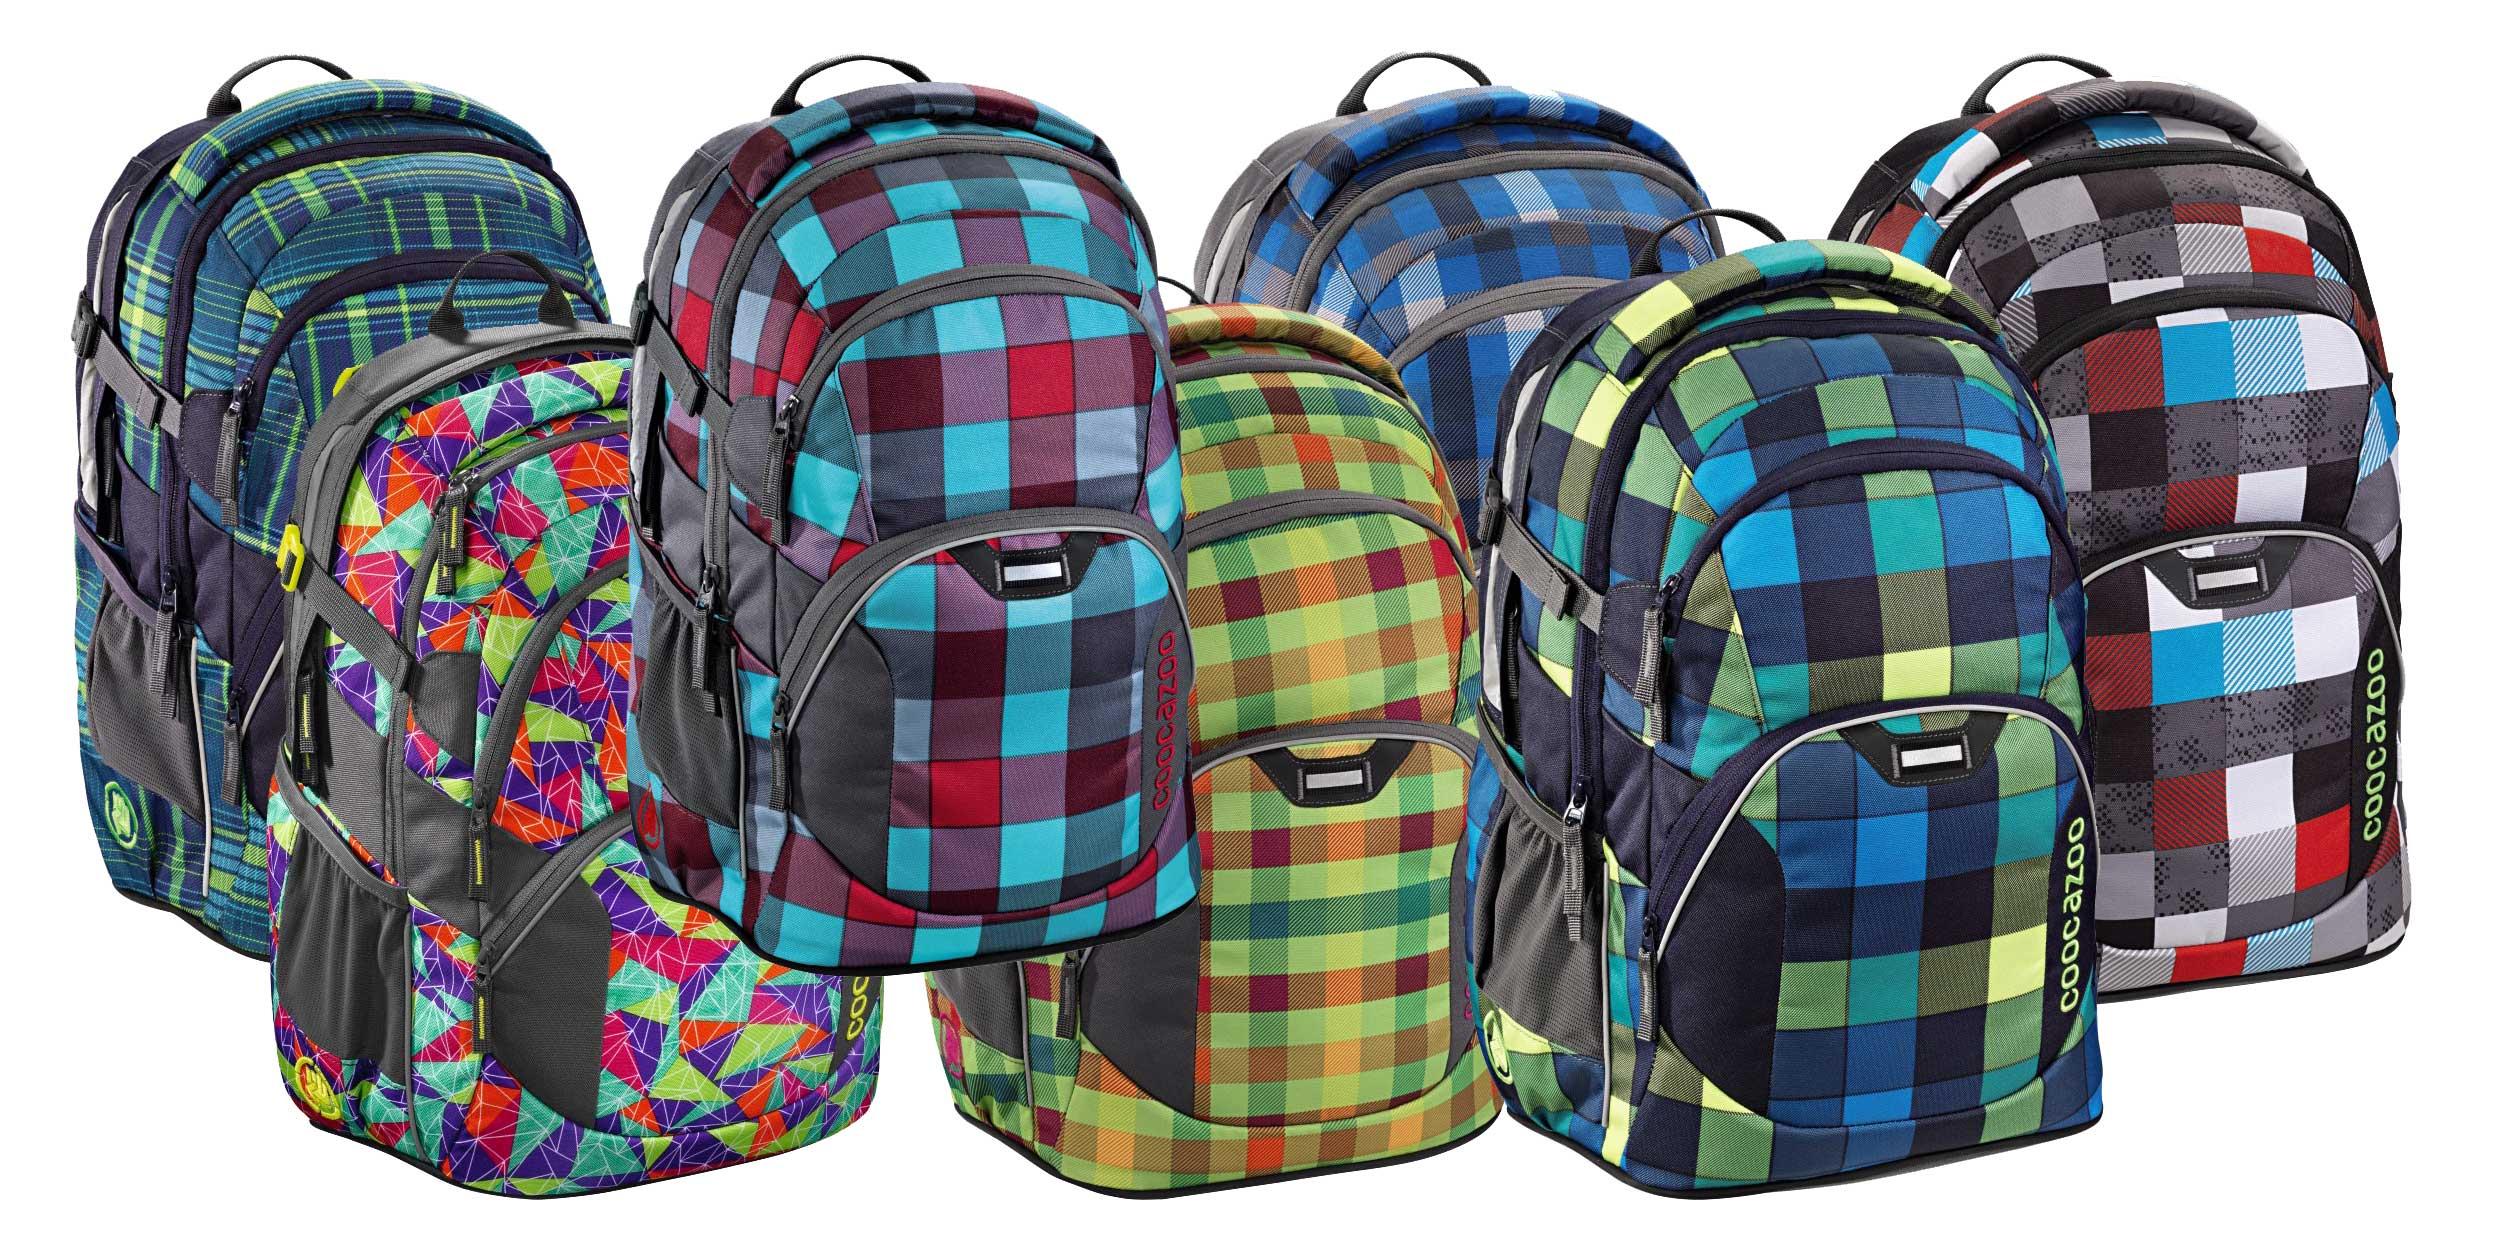 f5016fca91 Školské tašky Walker predaj online eshop cena